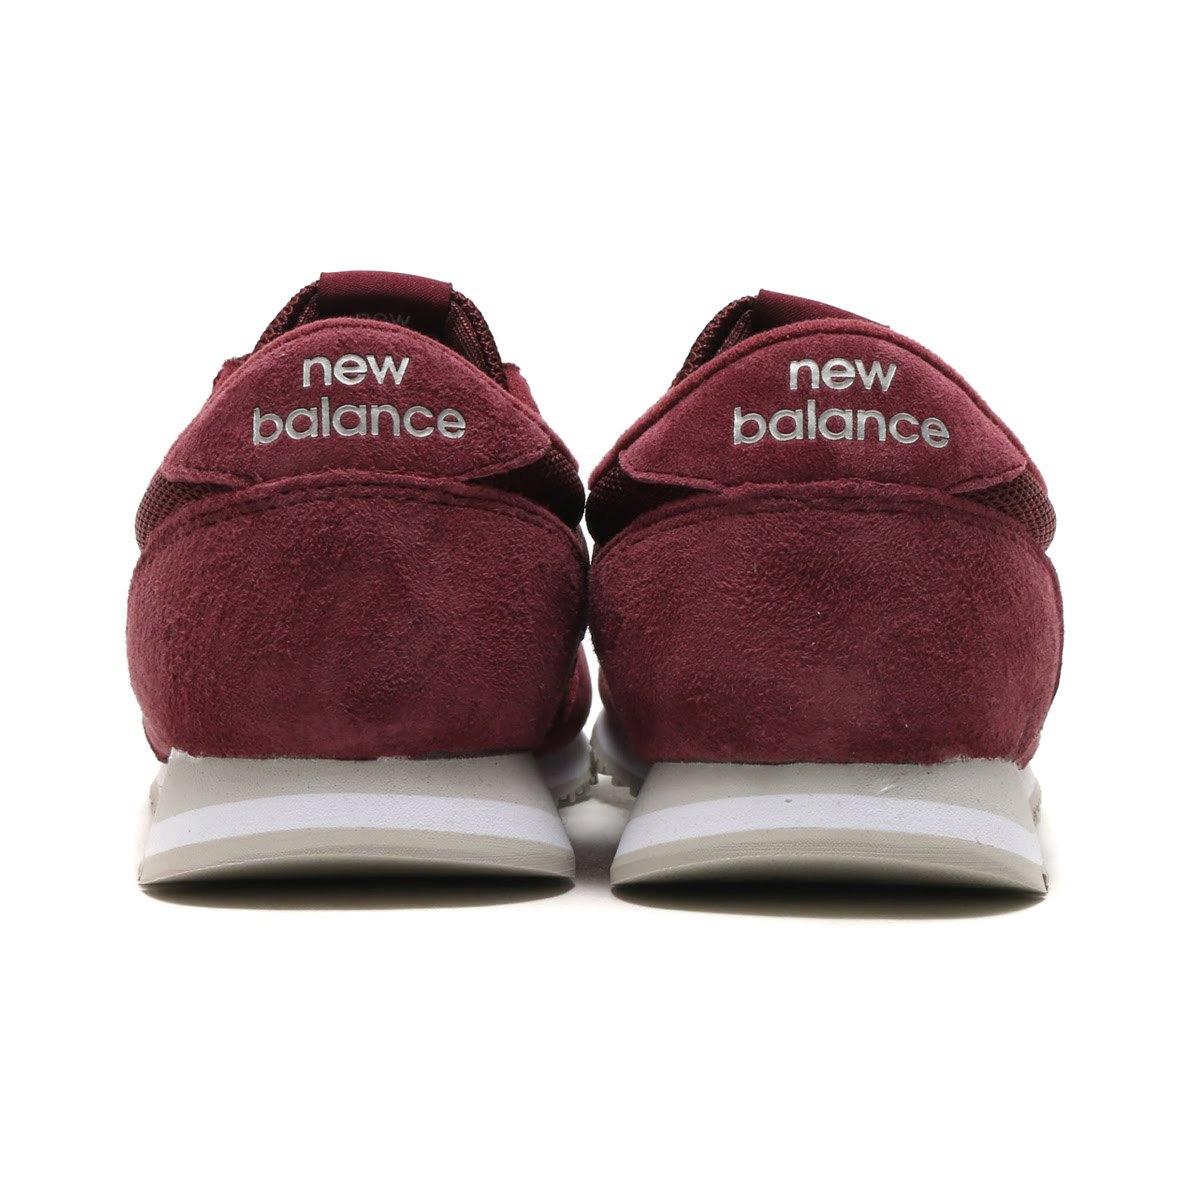 נעלי ניובלנס אופנה נשים New Balance 420 - תמונה 5